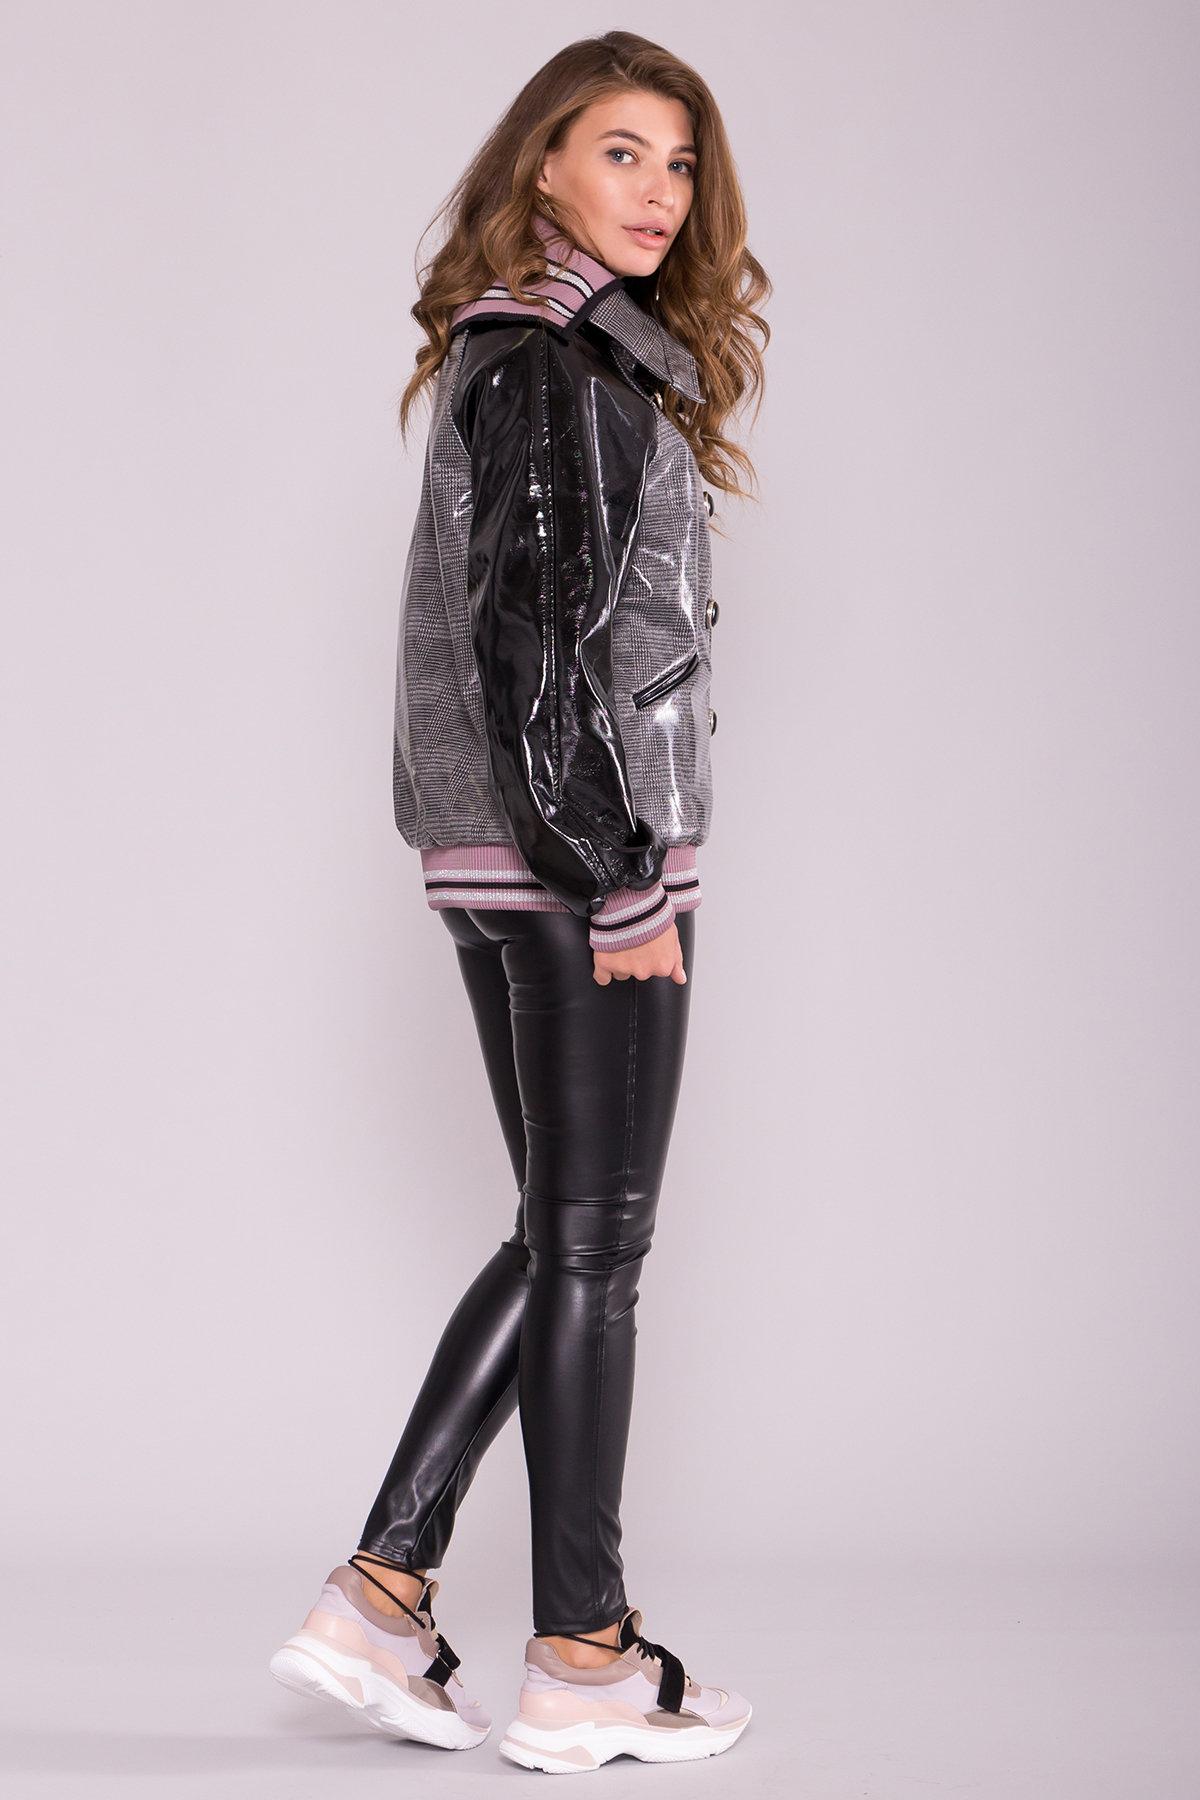 Куртка с двойным отложным воротником 6852 АРТ. 42513 Цвет: Черный/сирень - фото 2, интернет магазин tm-modus.ru